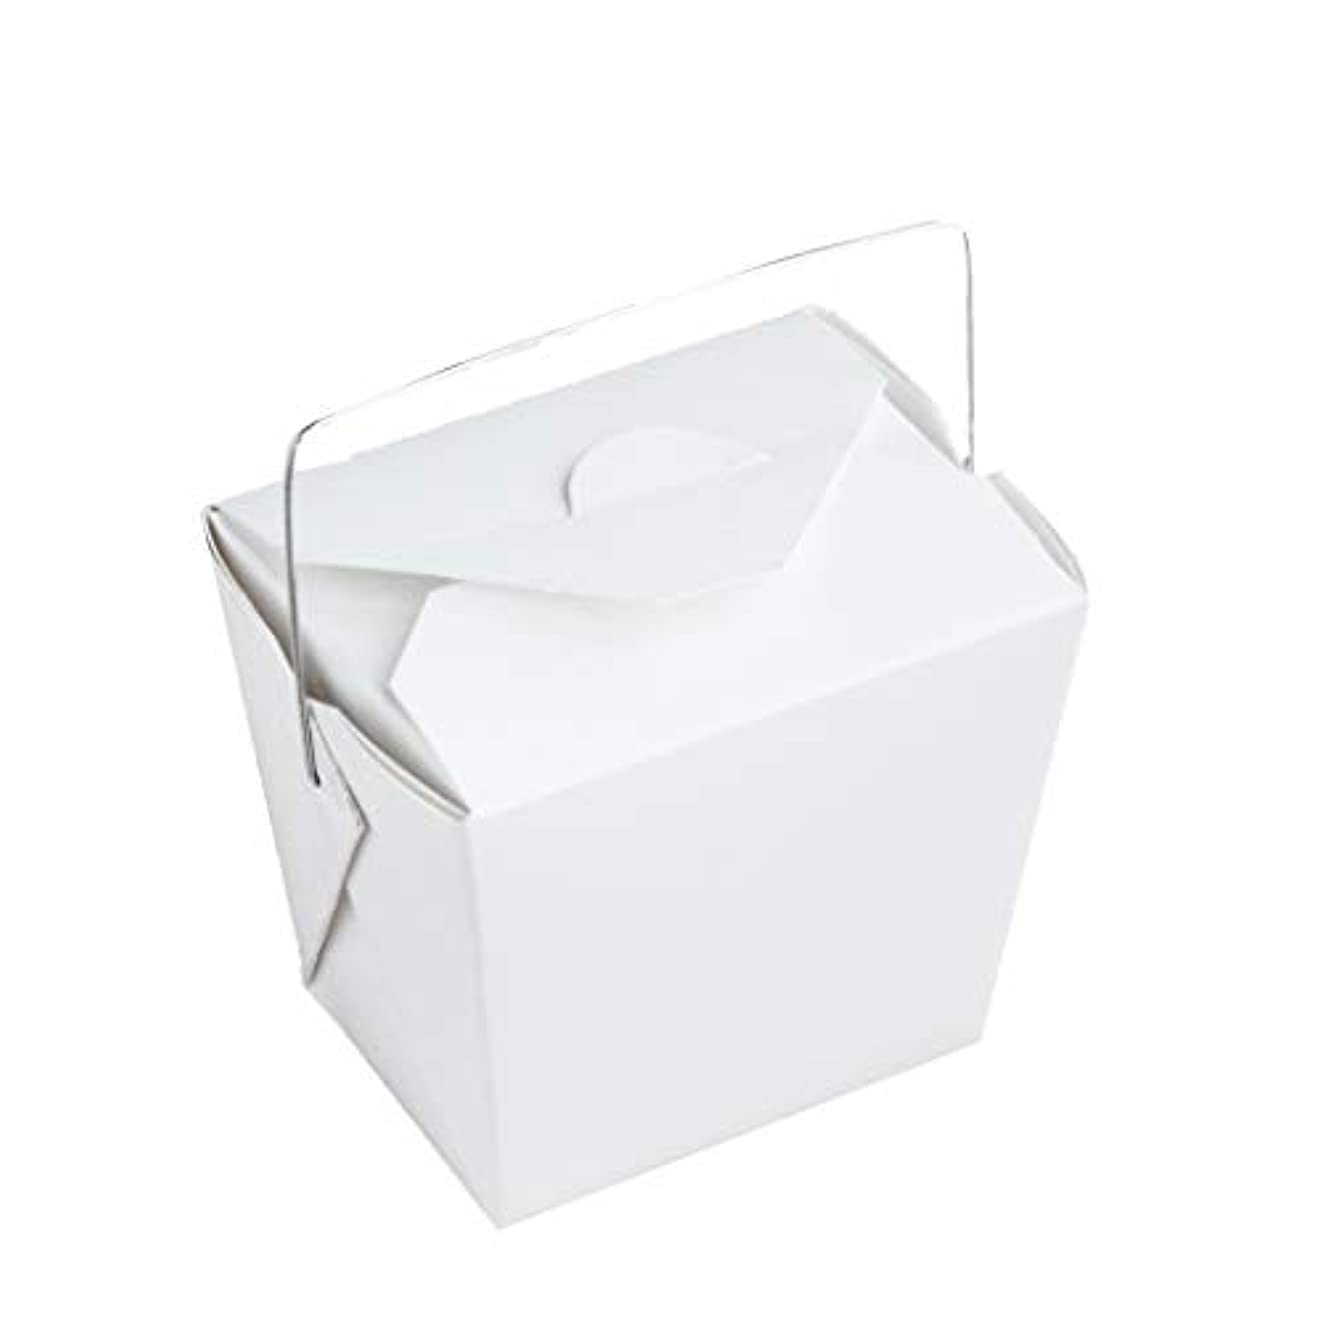 酸素風刺飢饉手作り石けん用 ワイヤー取っ手付きホワイトペーパー型